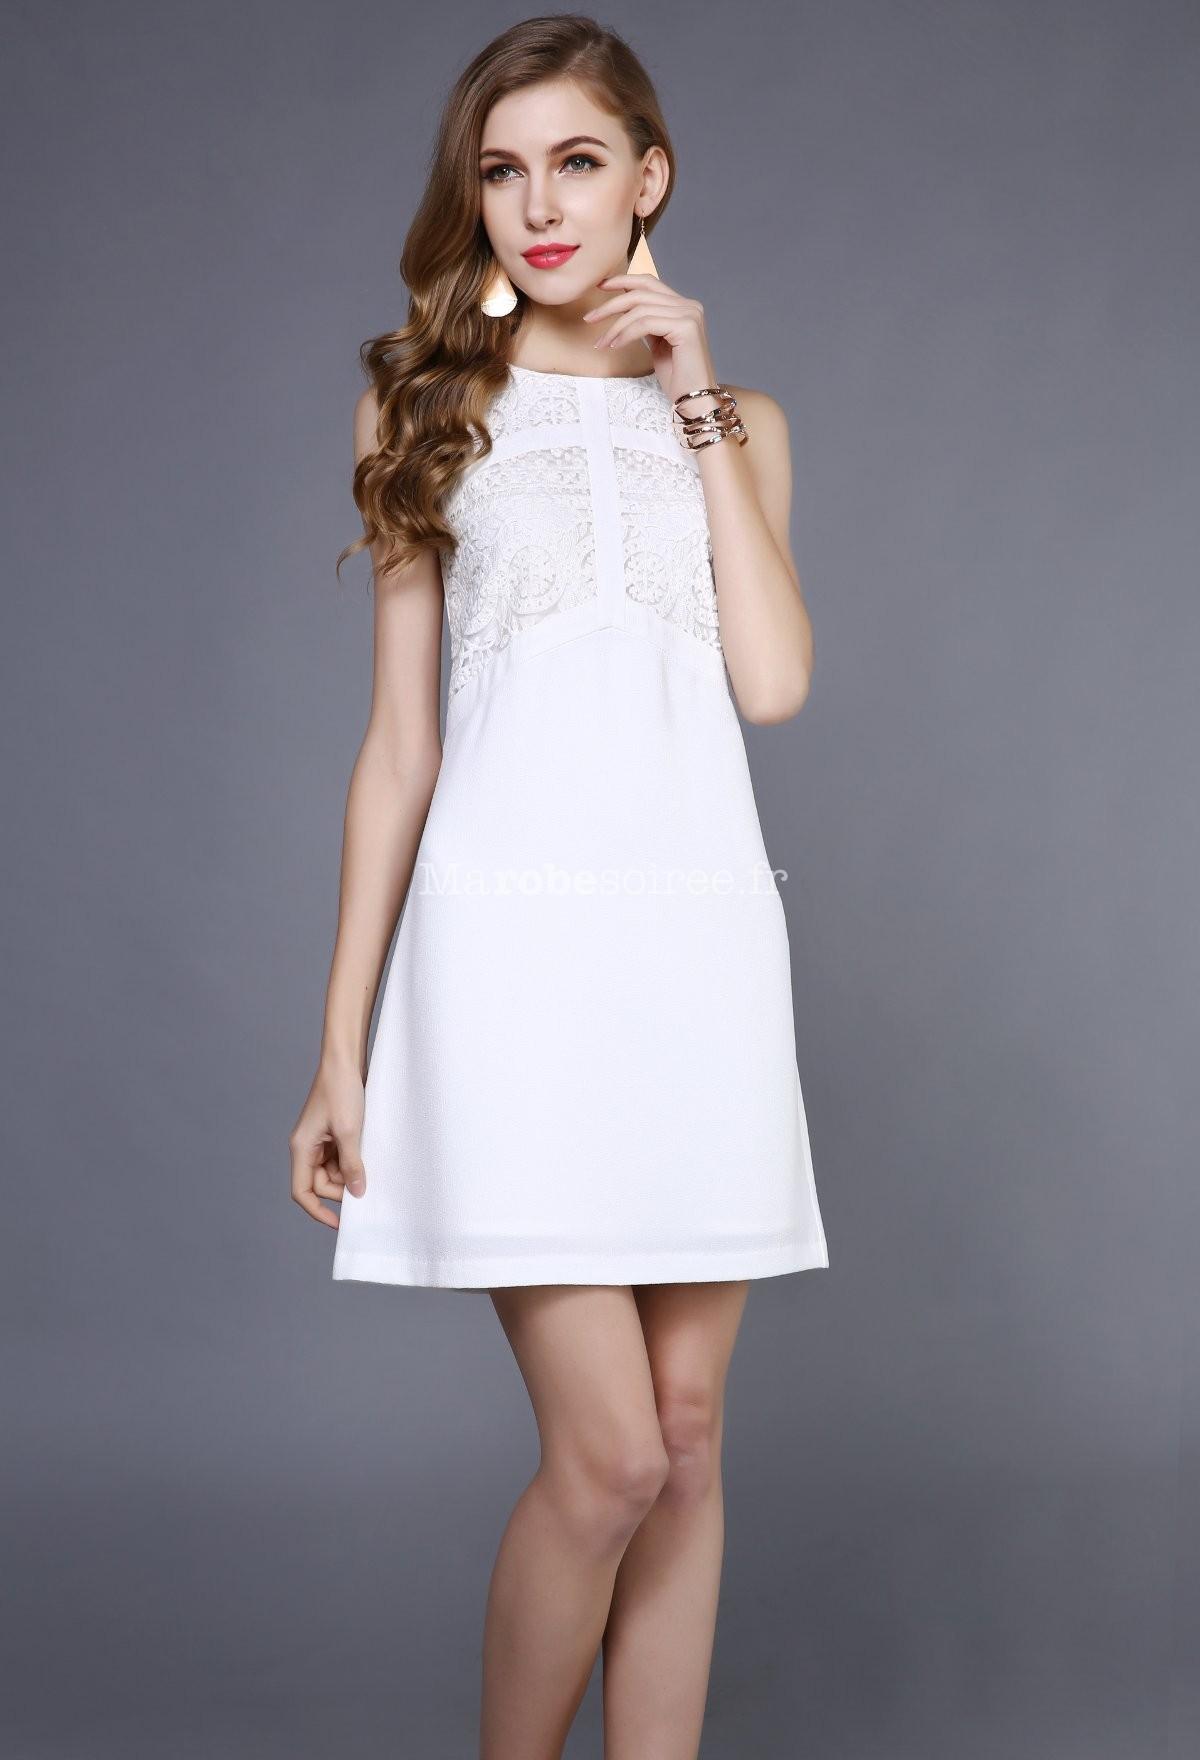 robe dentelle blanche chic la mode des robes de france. Black Bedroom Furniture Sets. Home Design Ideas